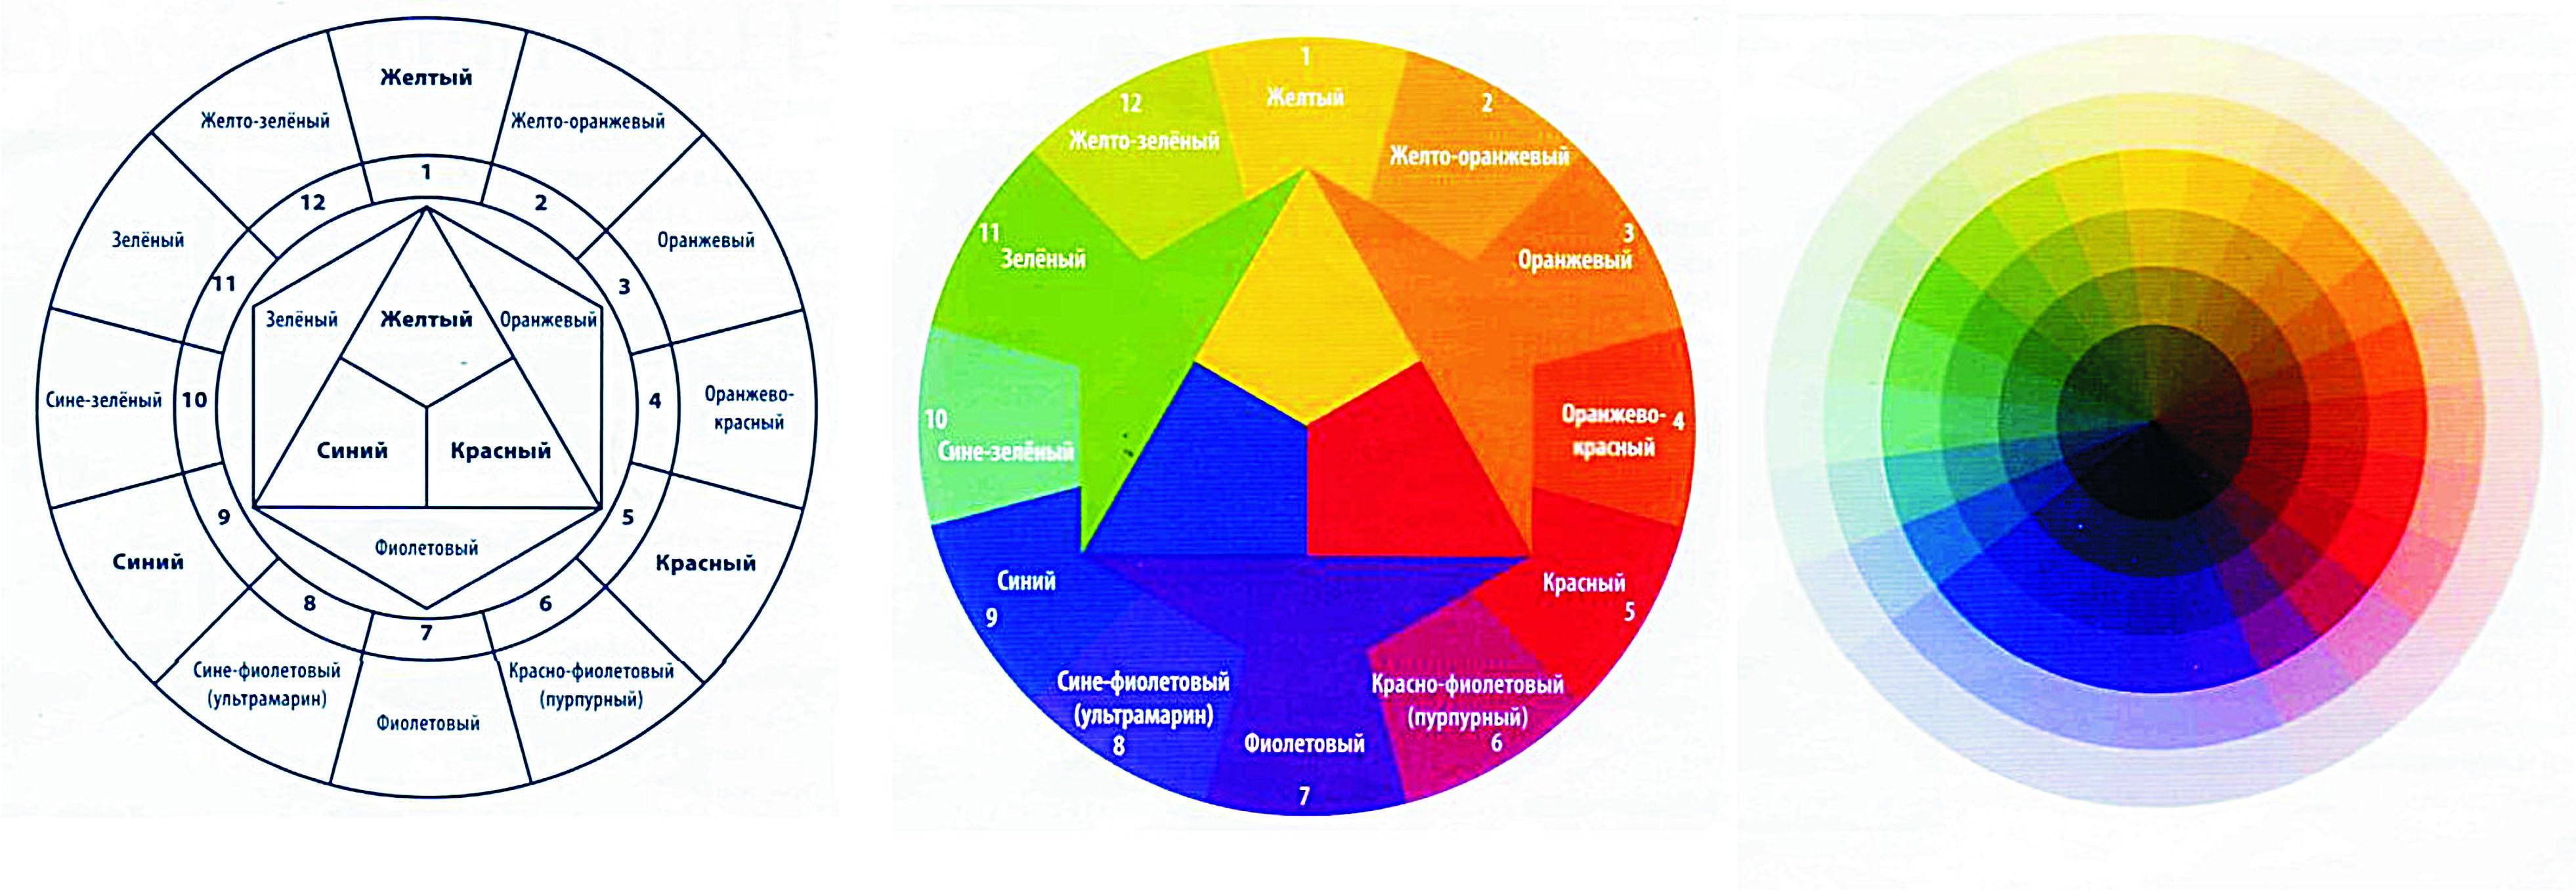 Круг освальда для колористики волос. фото, изучение, как пользоваться, подобрать оттенок эстель, капус, других красок